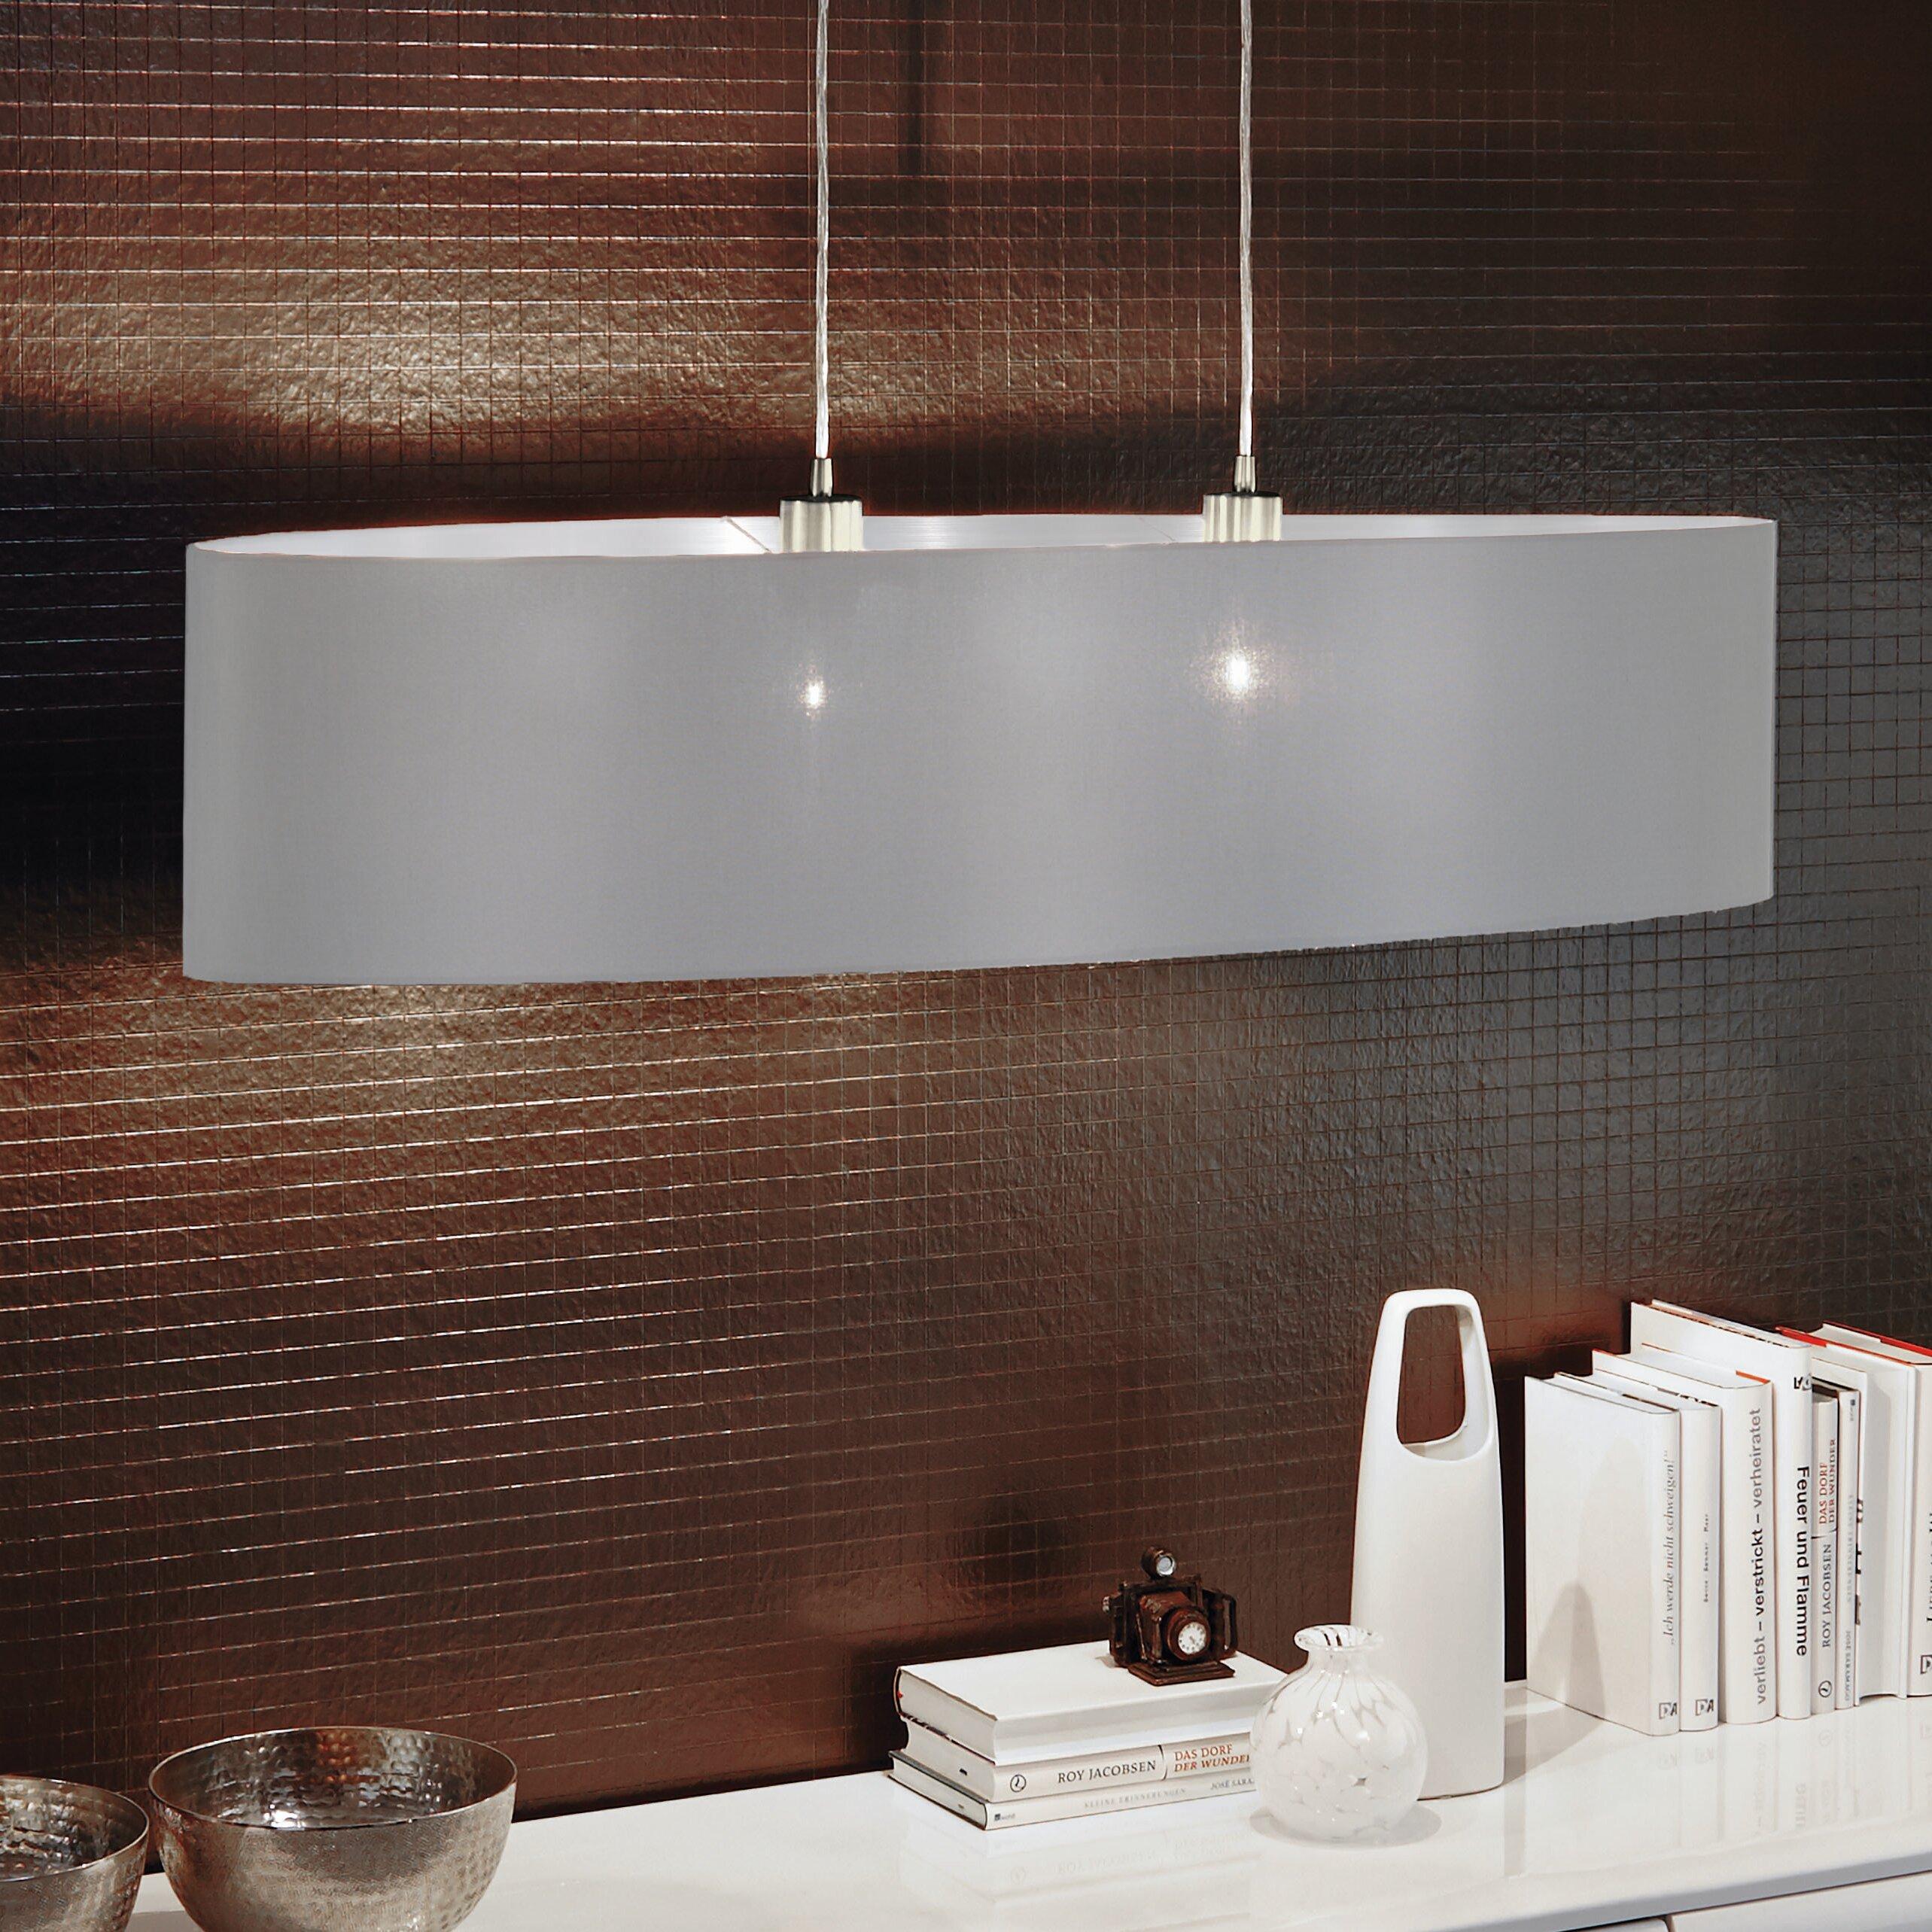 2 Light Murano Pendant Lighting You Ll Love In 2021 Wayfair